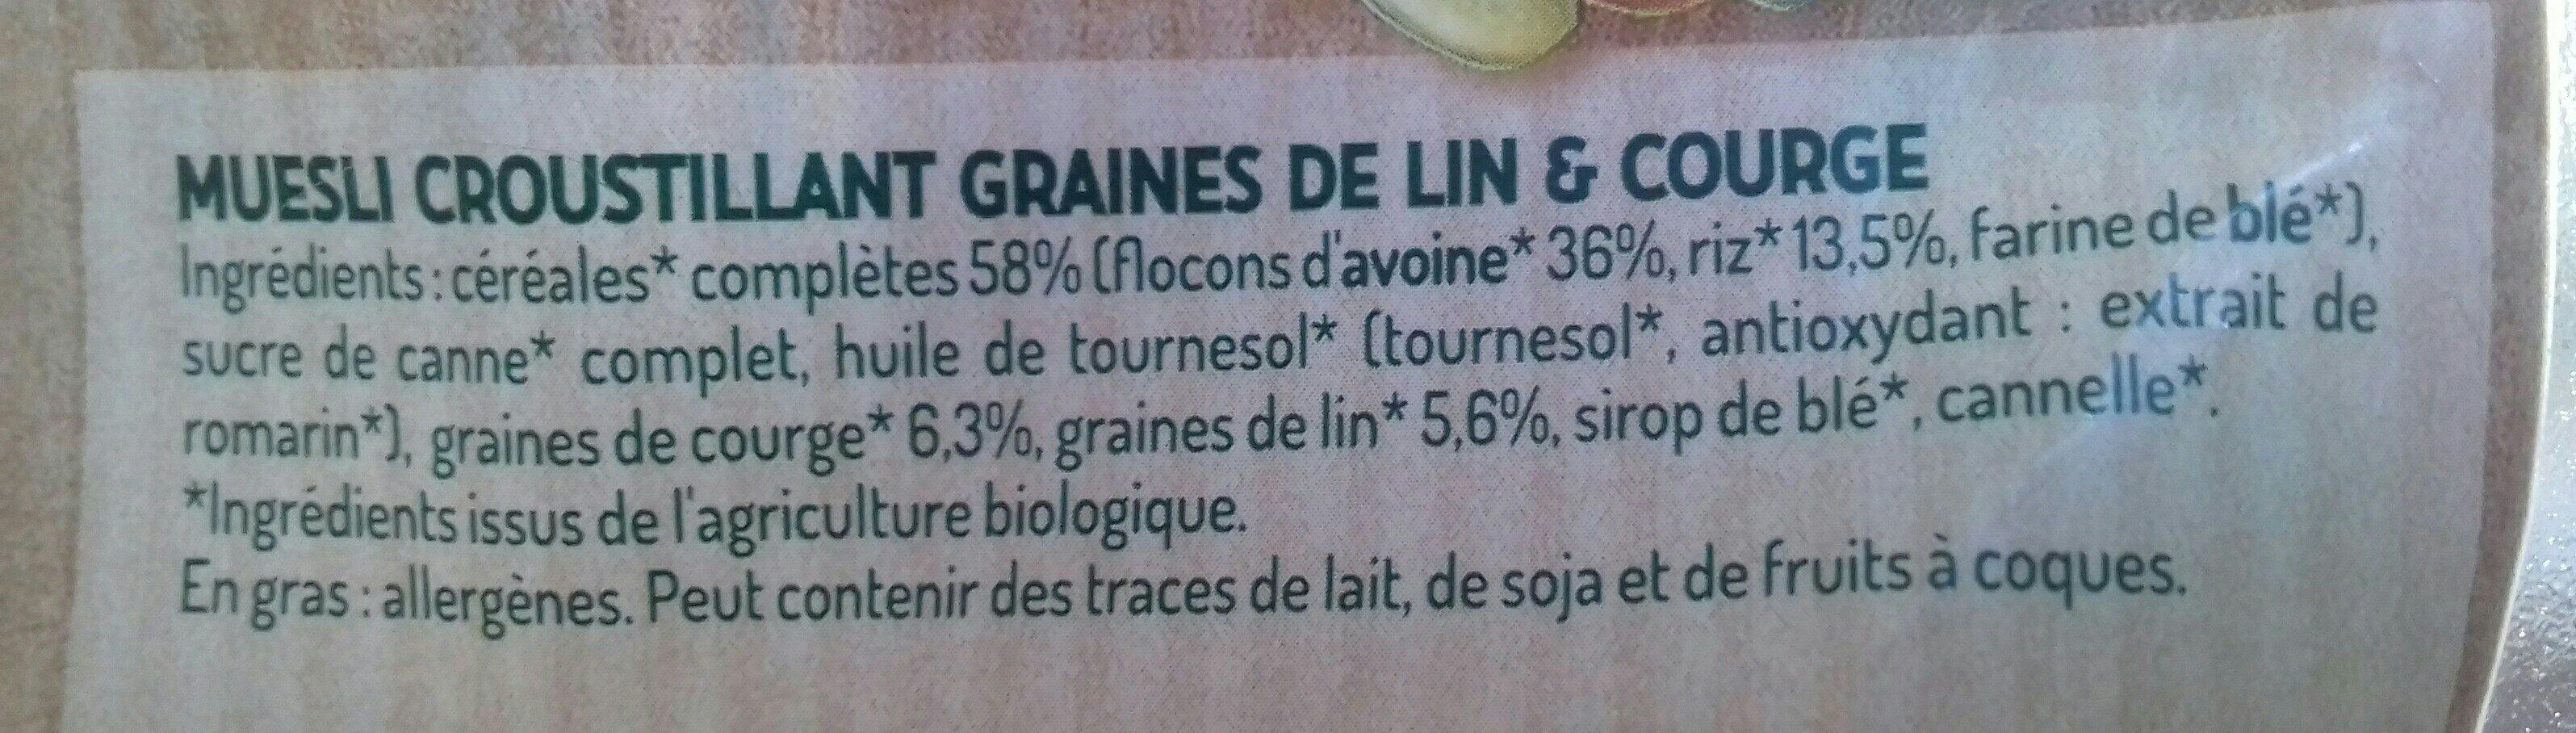 Muesli croustillant  graines de lin et courge - Ingrediënten